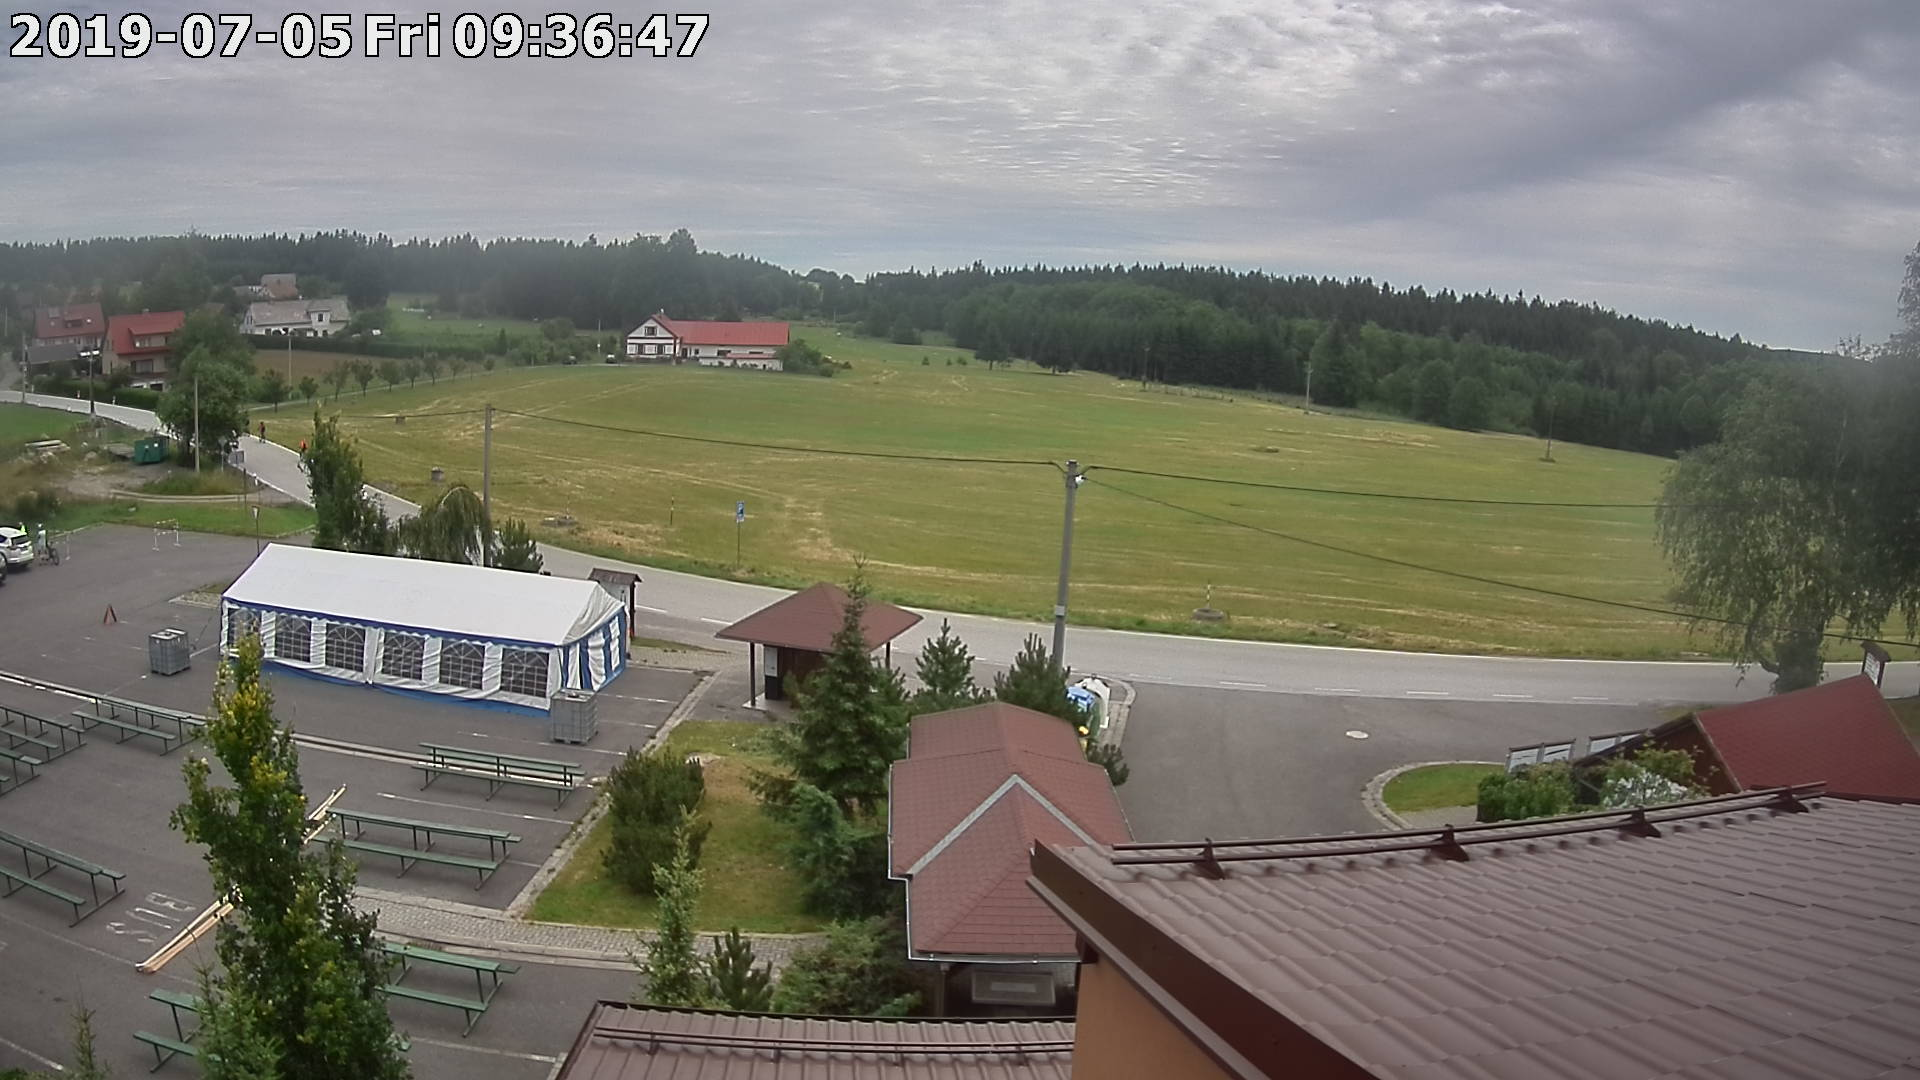 Webkamera ze dne 2019-07-05